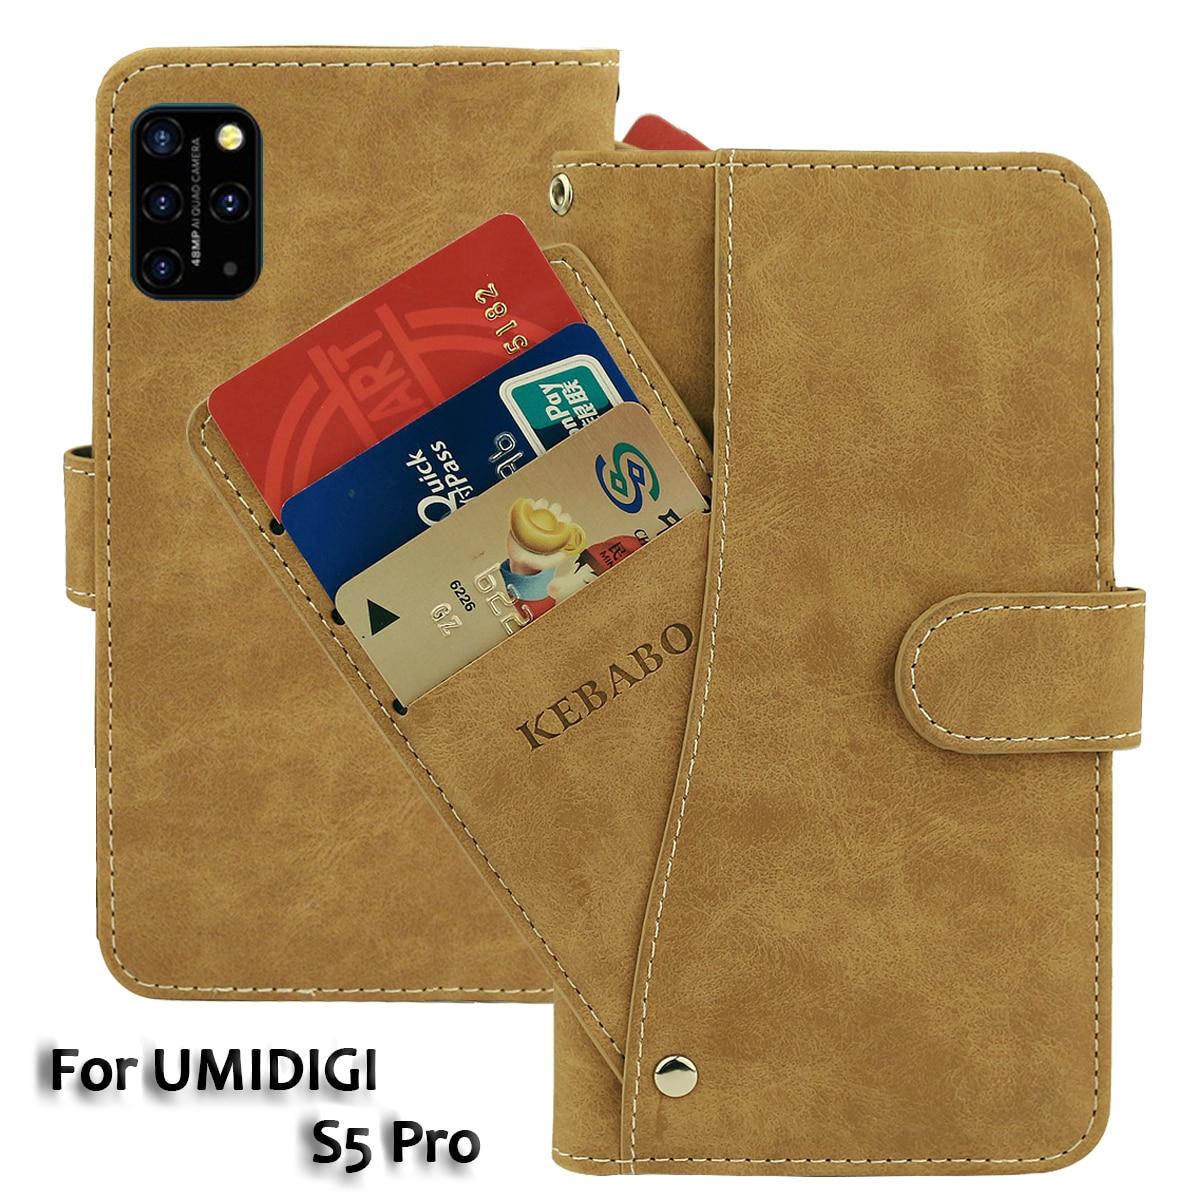 """Cartera de cuero UMIDIGI S5 Pro Case 6,39 """"Flip moda de lujo ranuras para tarjetas frontales fundas de negocios magnético bolsas de teléfono"""